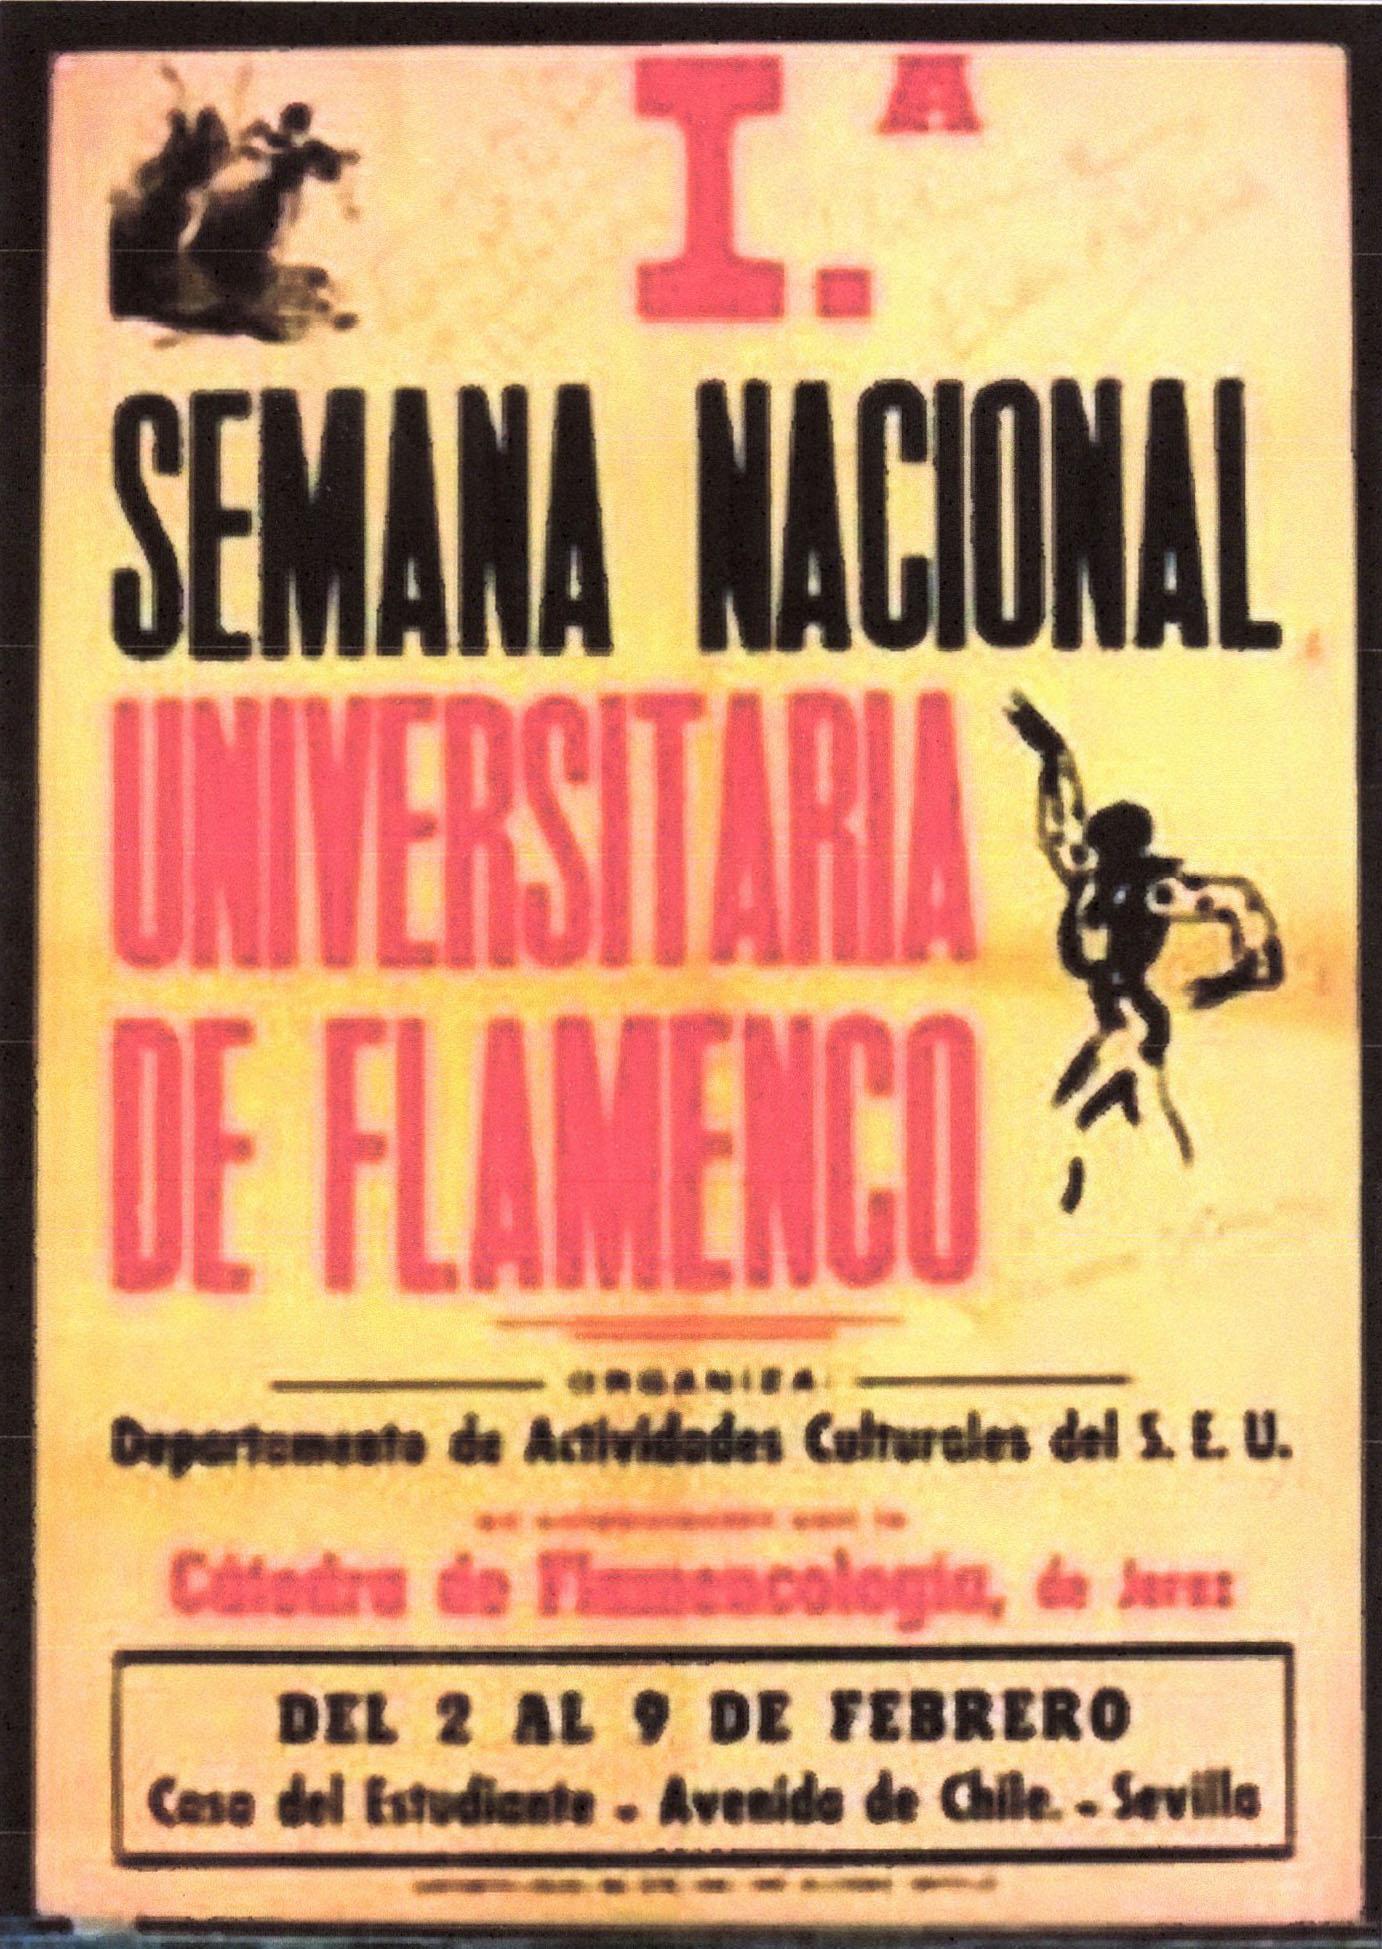 Cartel de la I Semana Universitaria de Flamenco. Universidad de Sevilla, 1964. Archivo José Ignacio Primo.